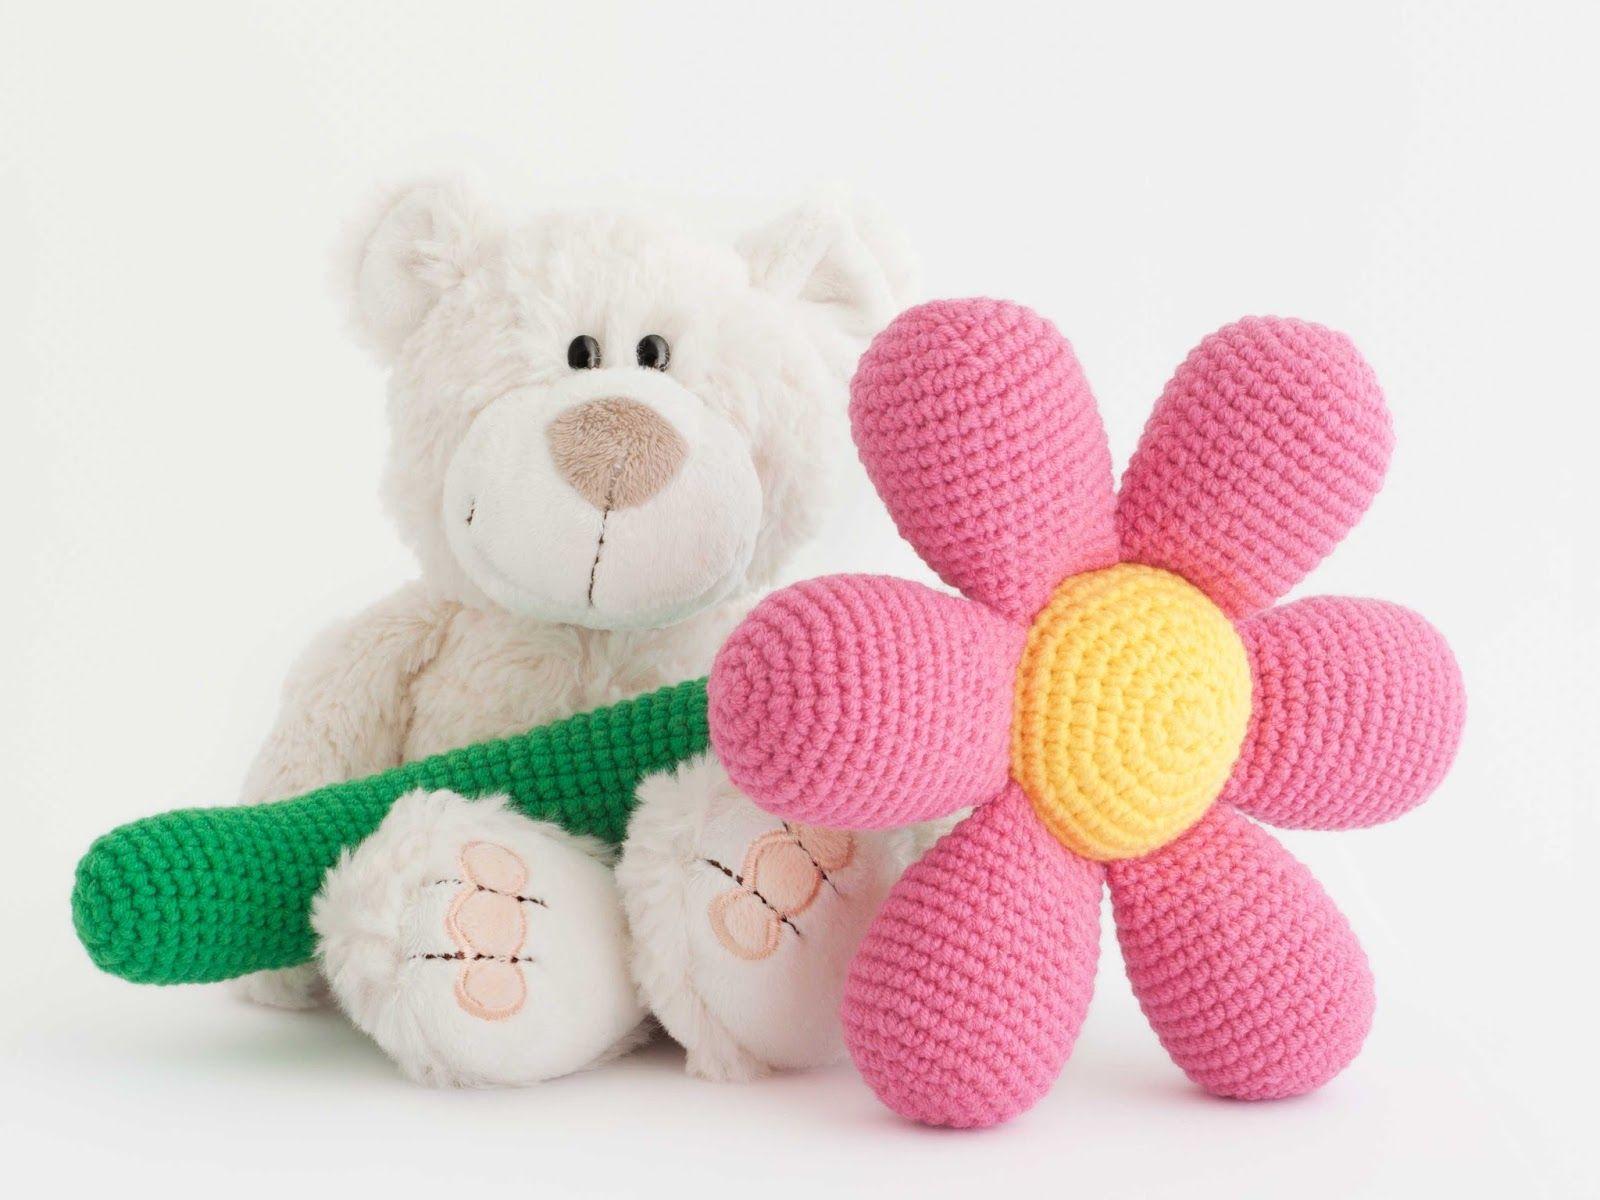 Amigurumi flor (enlace a patrón gratis) | Amigurumis | Pinterest ...